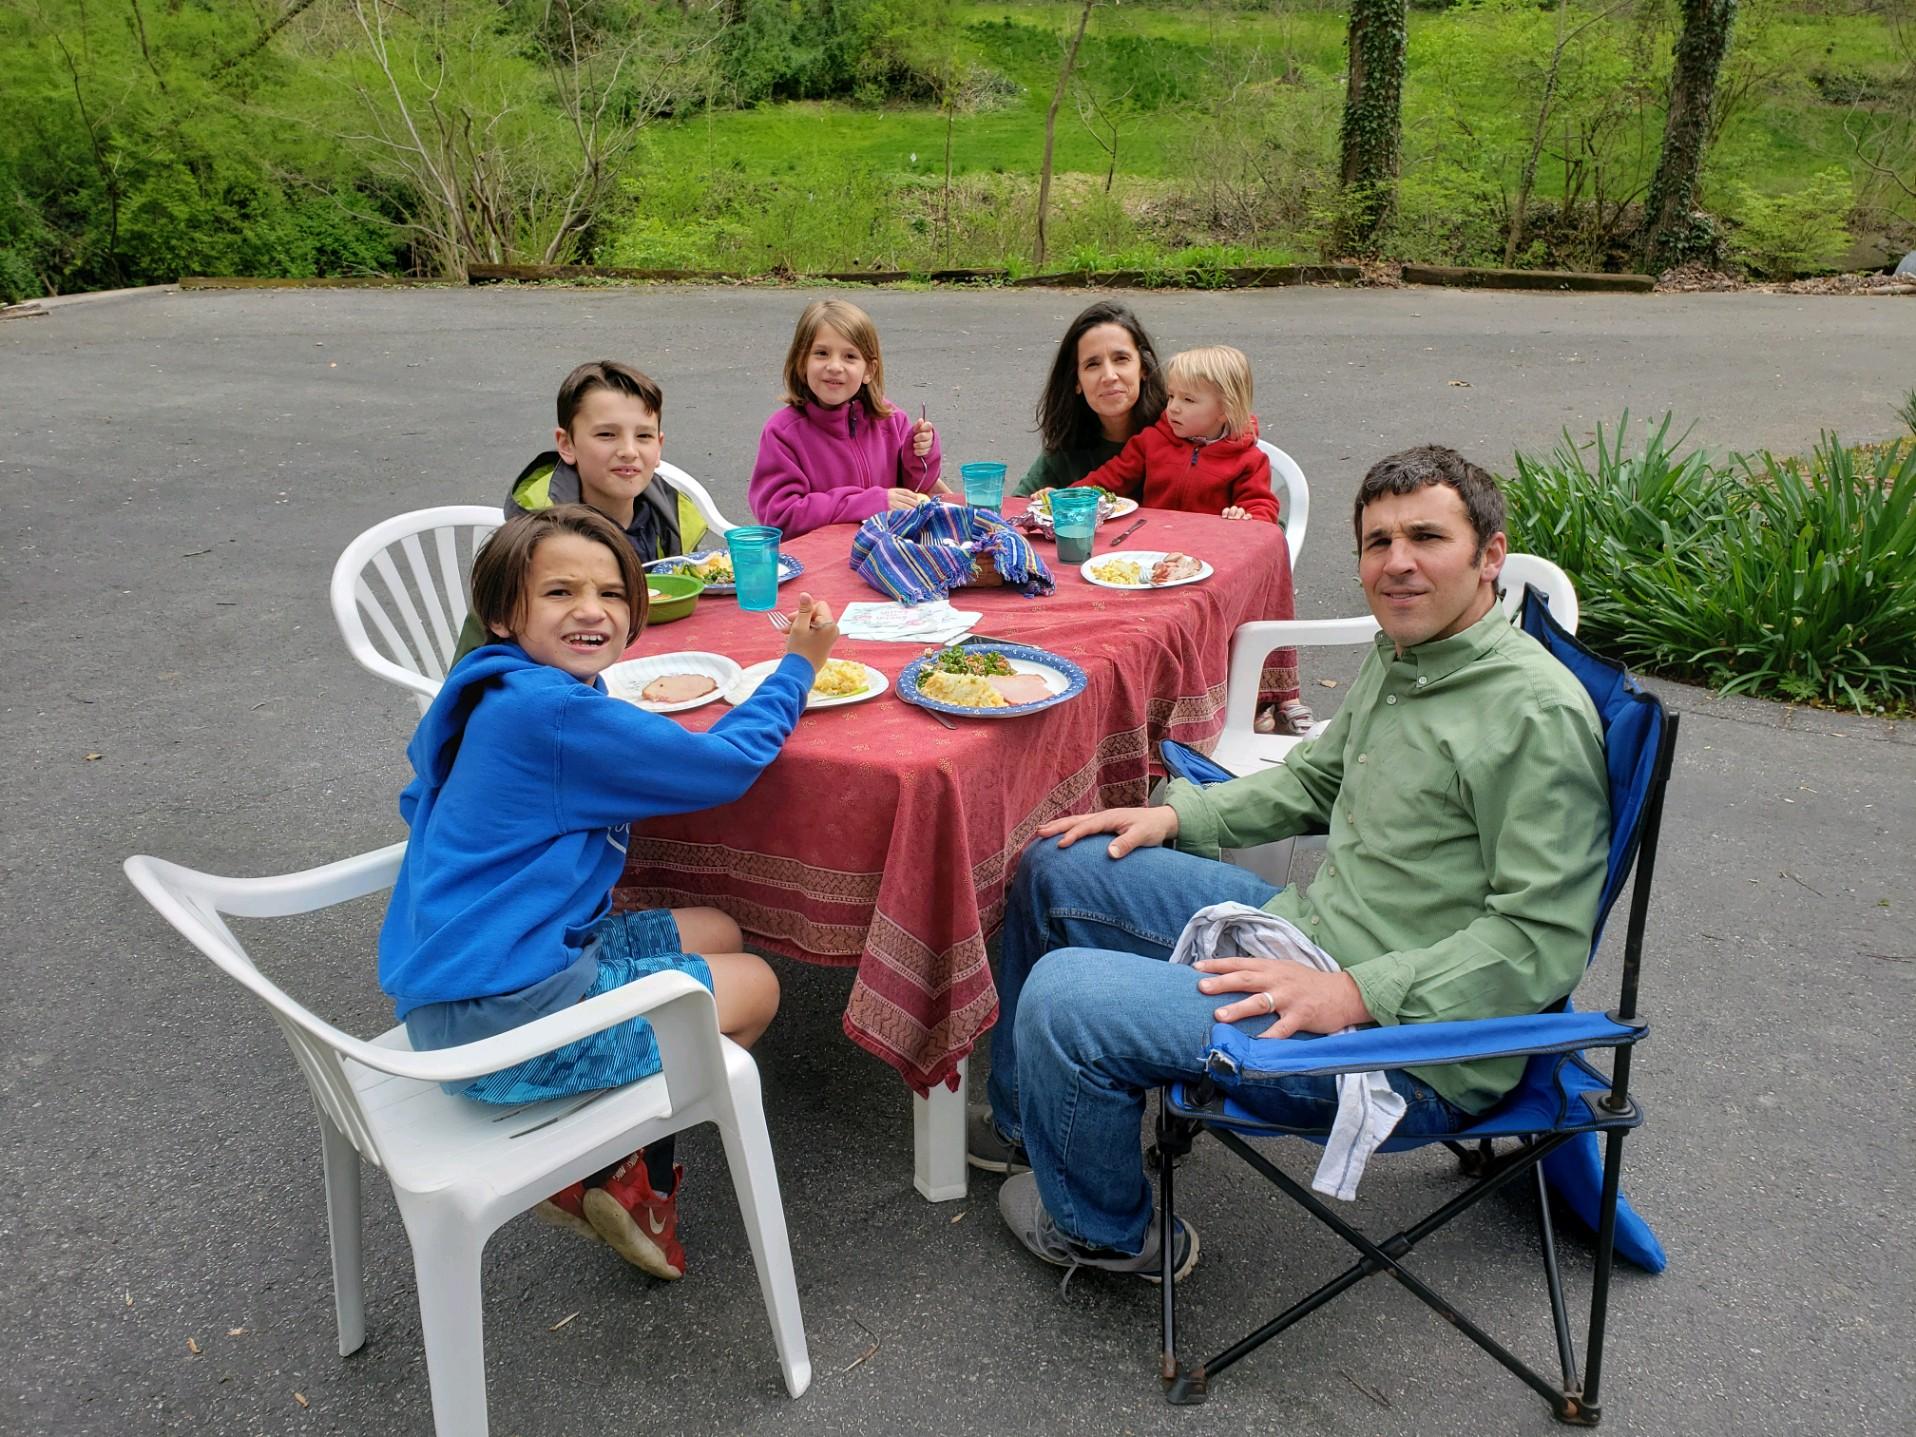 Jeremiah Denlinger and family